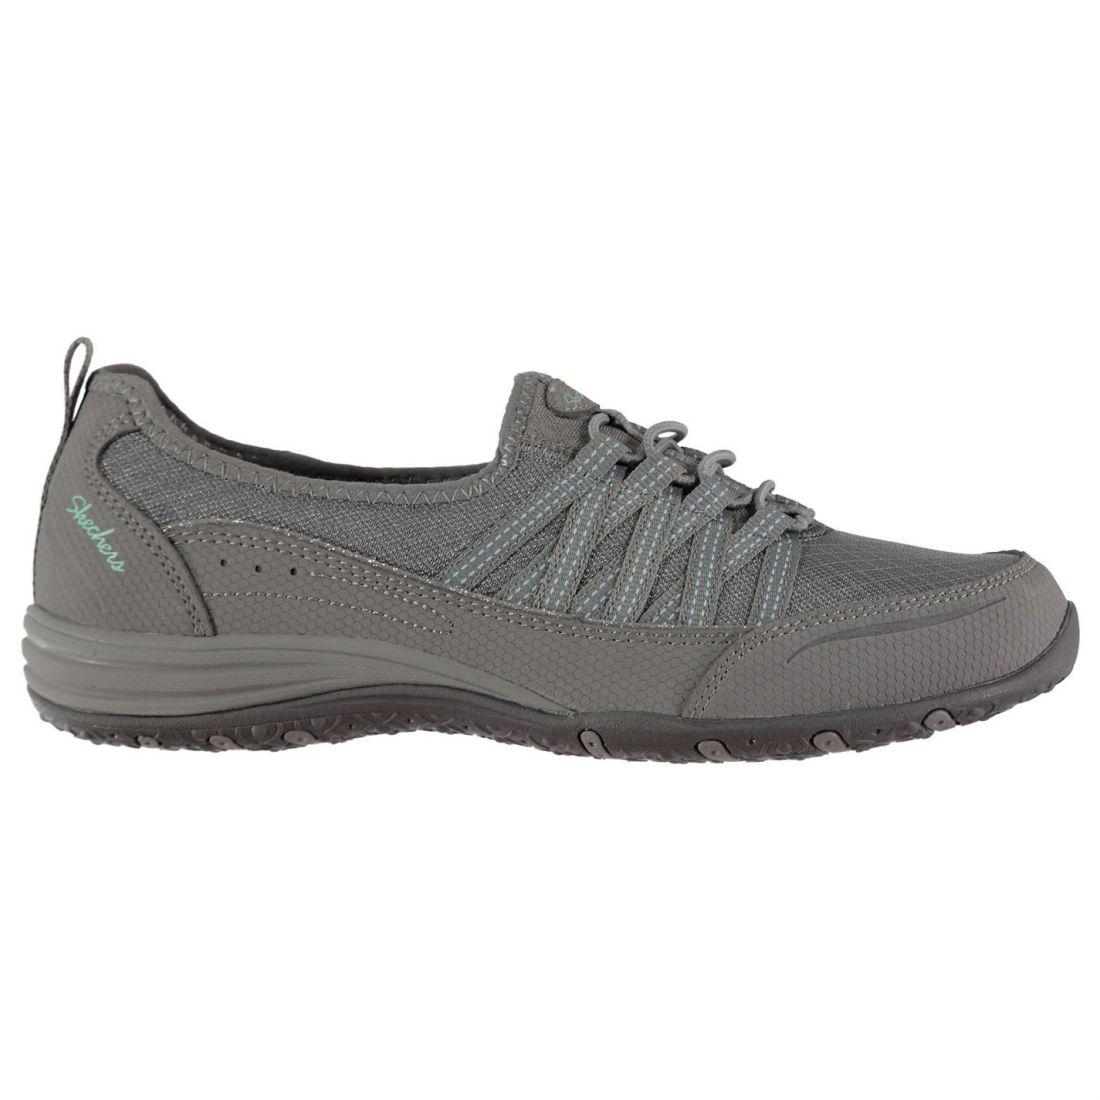 Skechers mujer Unity Unity Unity ir Entrenadores Zapatos Informales Cordones de espuma de memoria elástica  Ahorre 35% - 70% de descuento